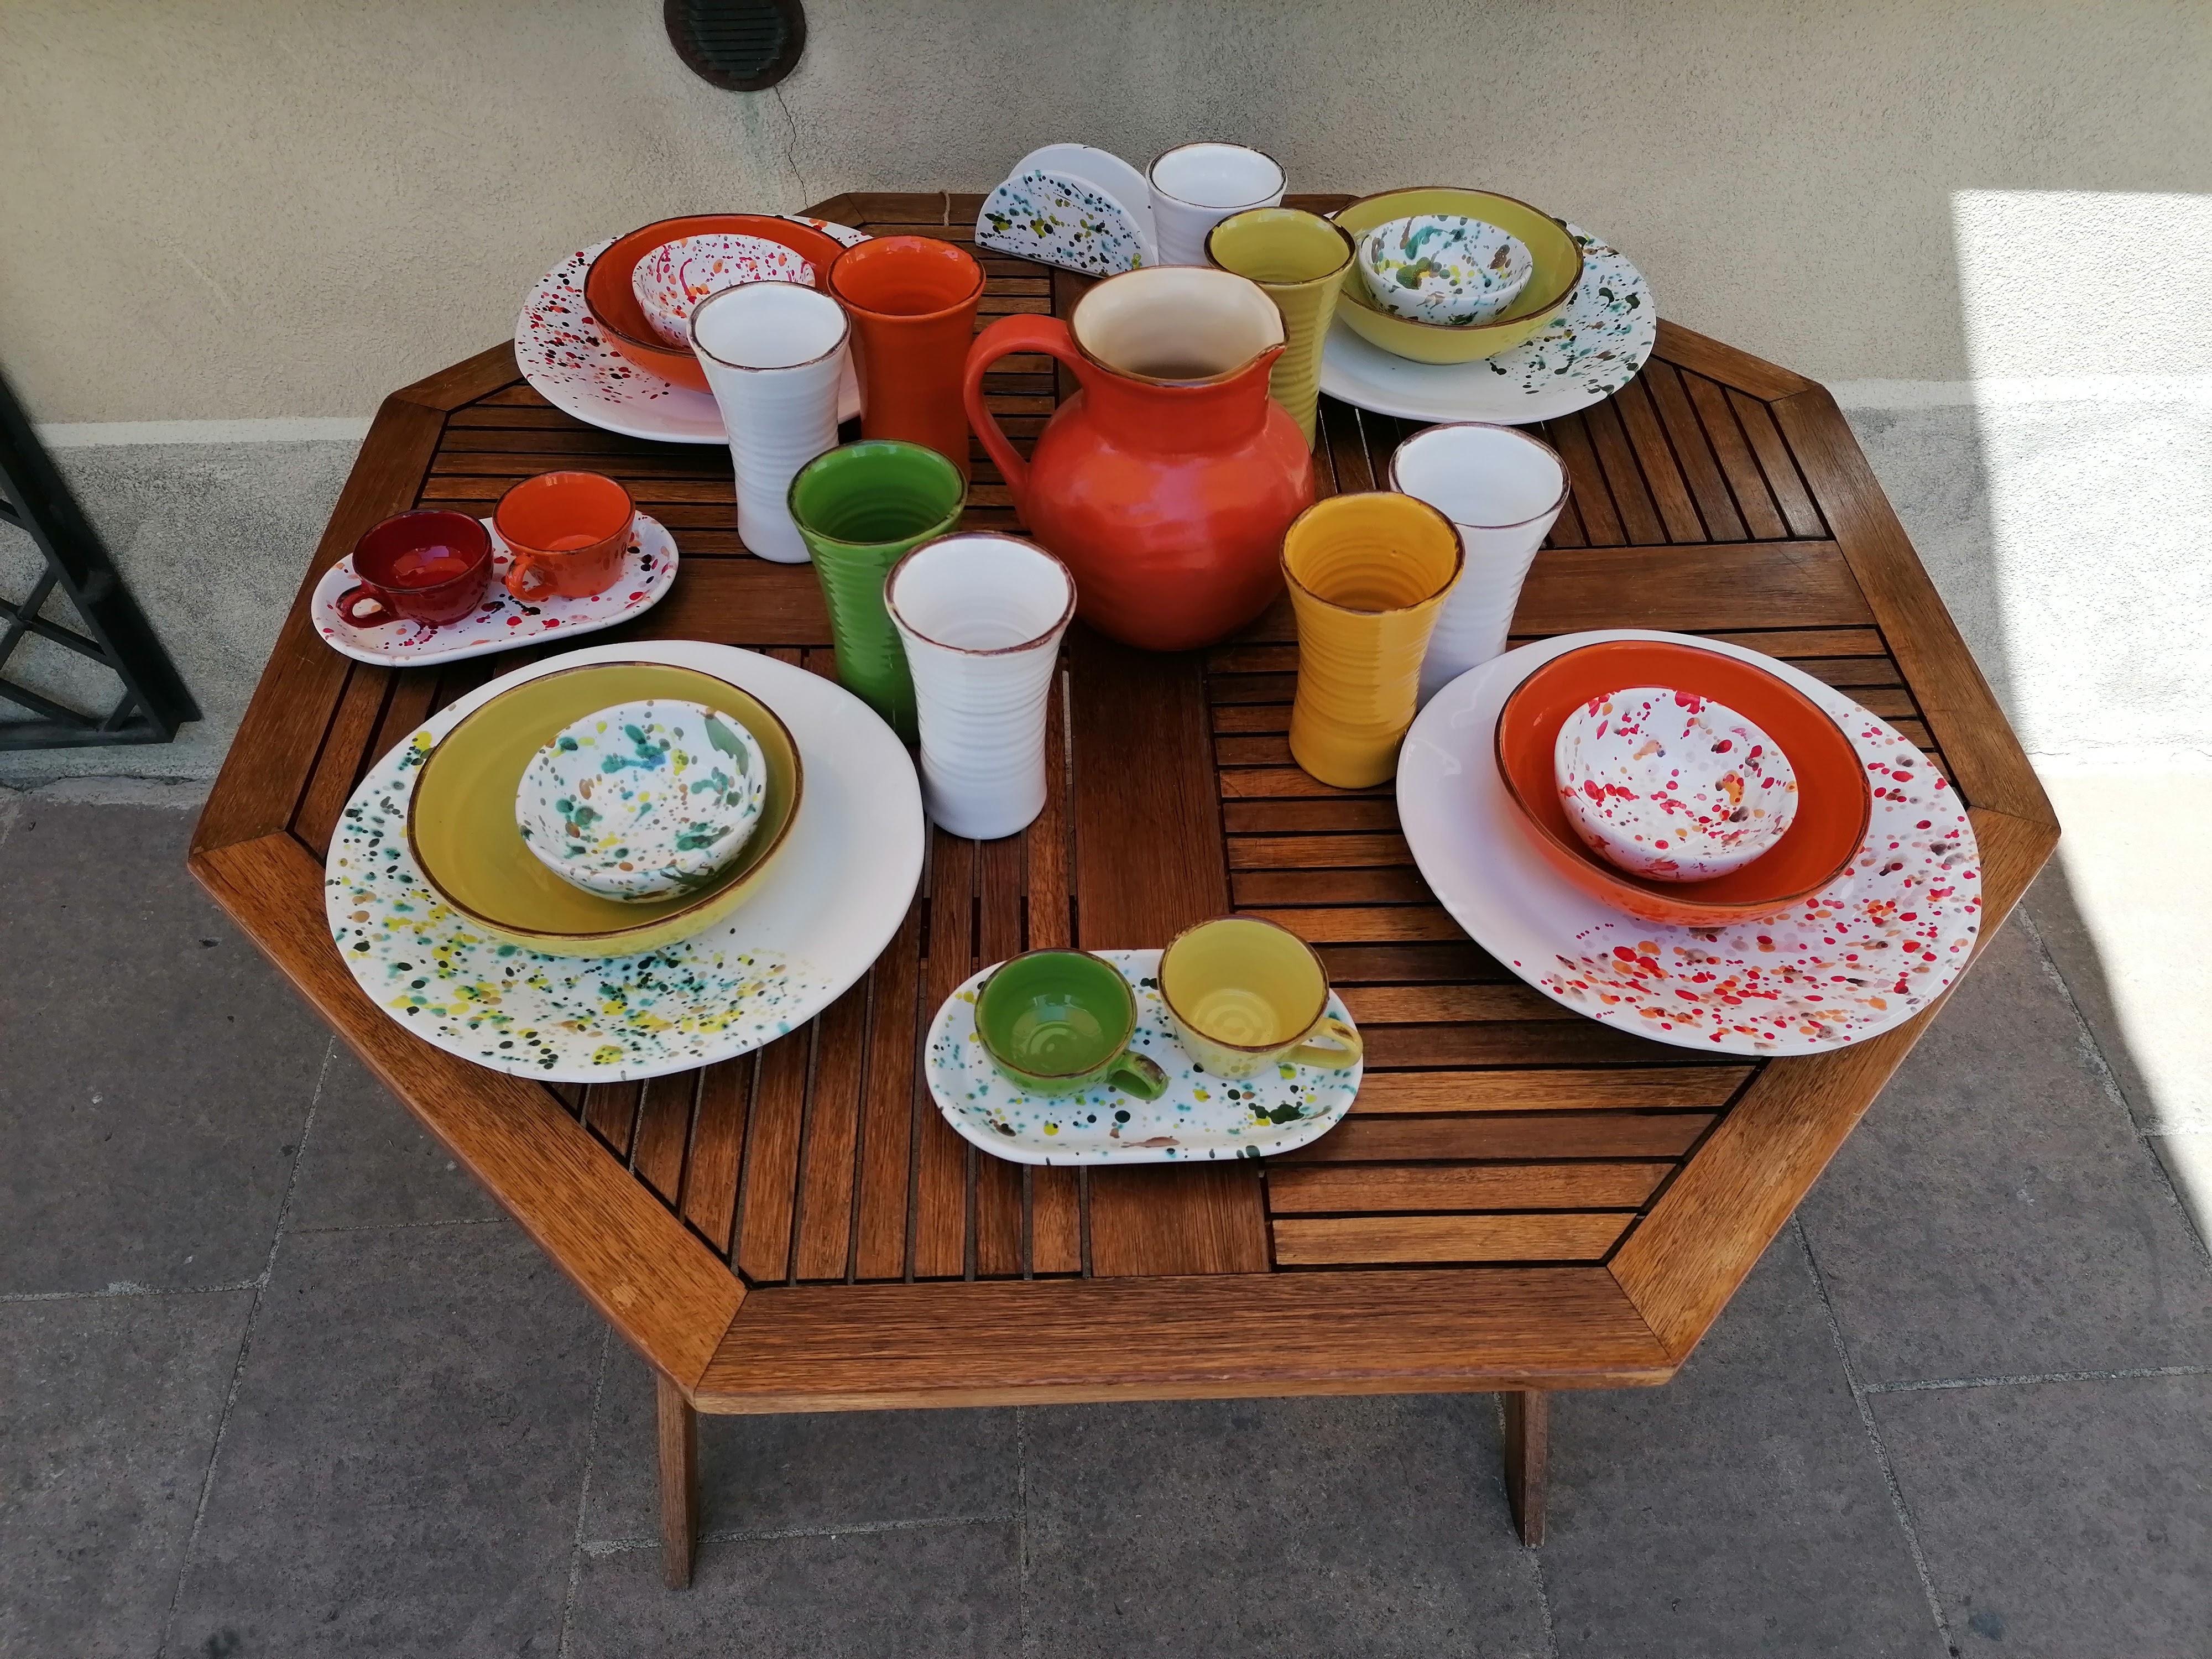 """Tavola con linea piatti e accessori di ceramica artistica """"Le Lentiggini di LifeStyle"""""""